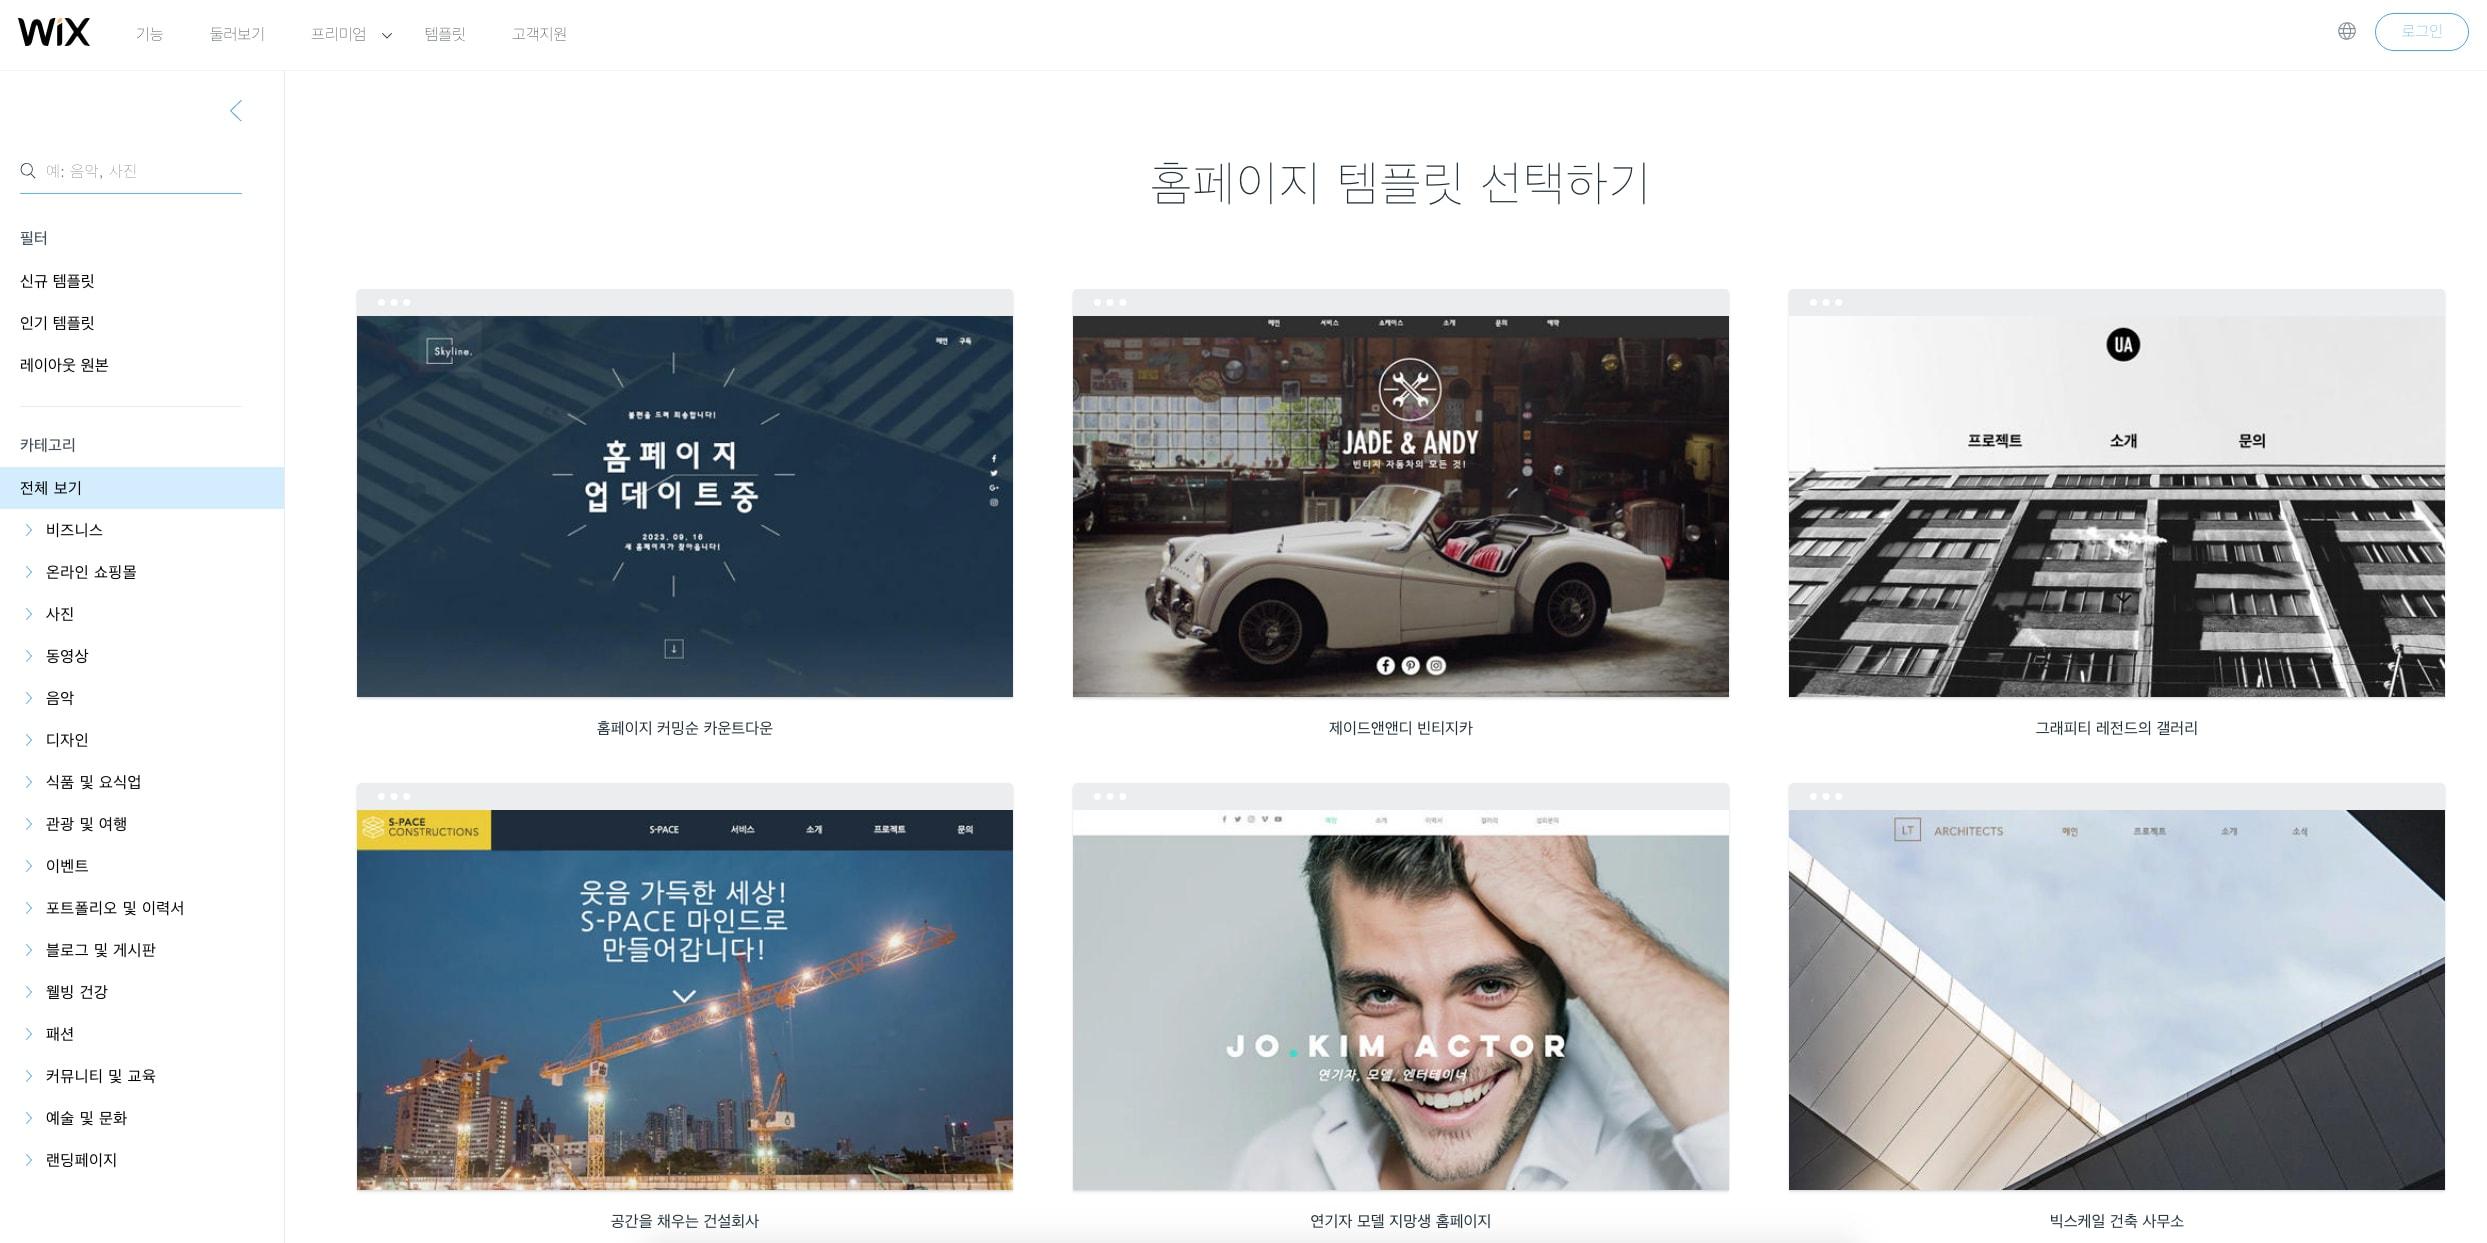 쉽게 Wix 웹 사이트를 만드는 9단계 2020 (+사진)